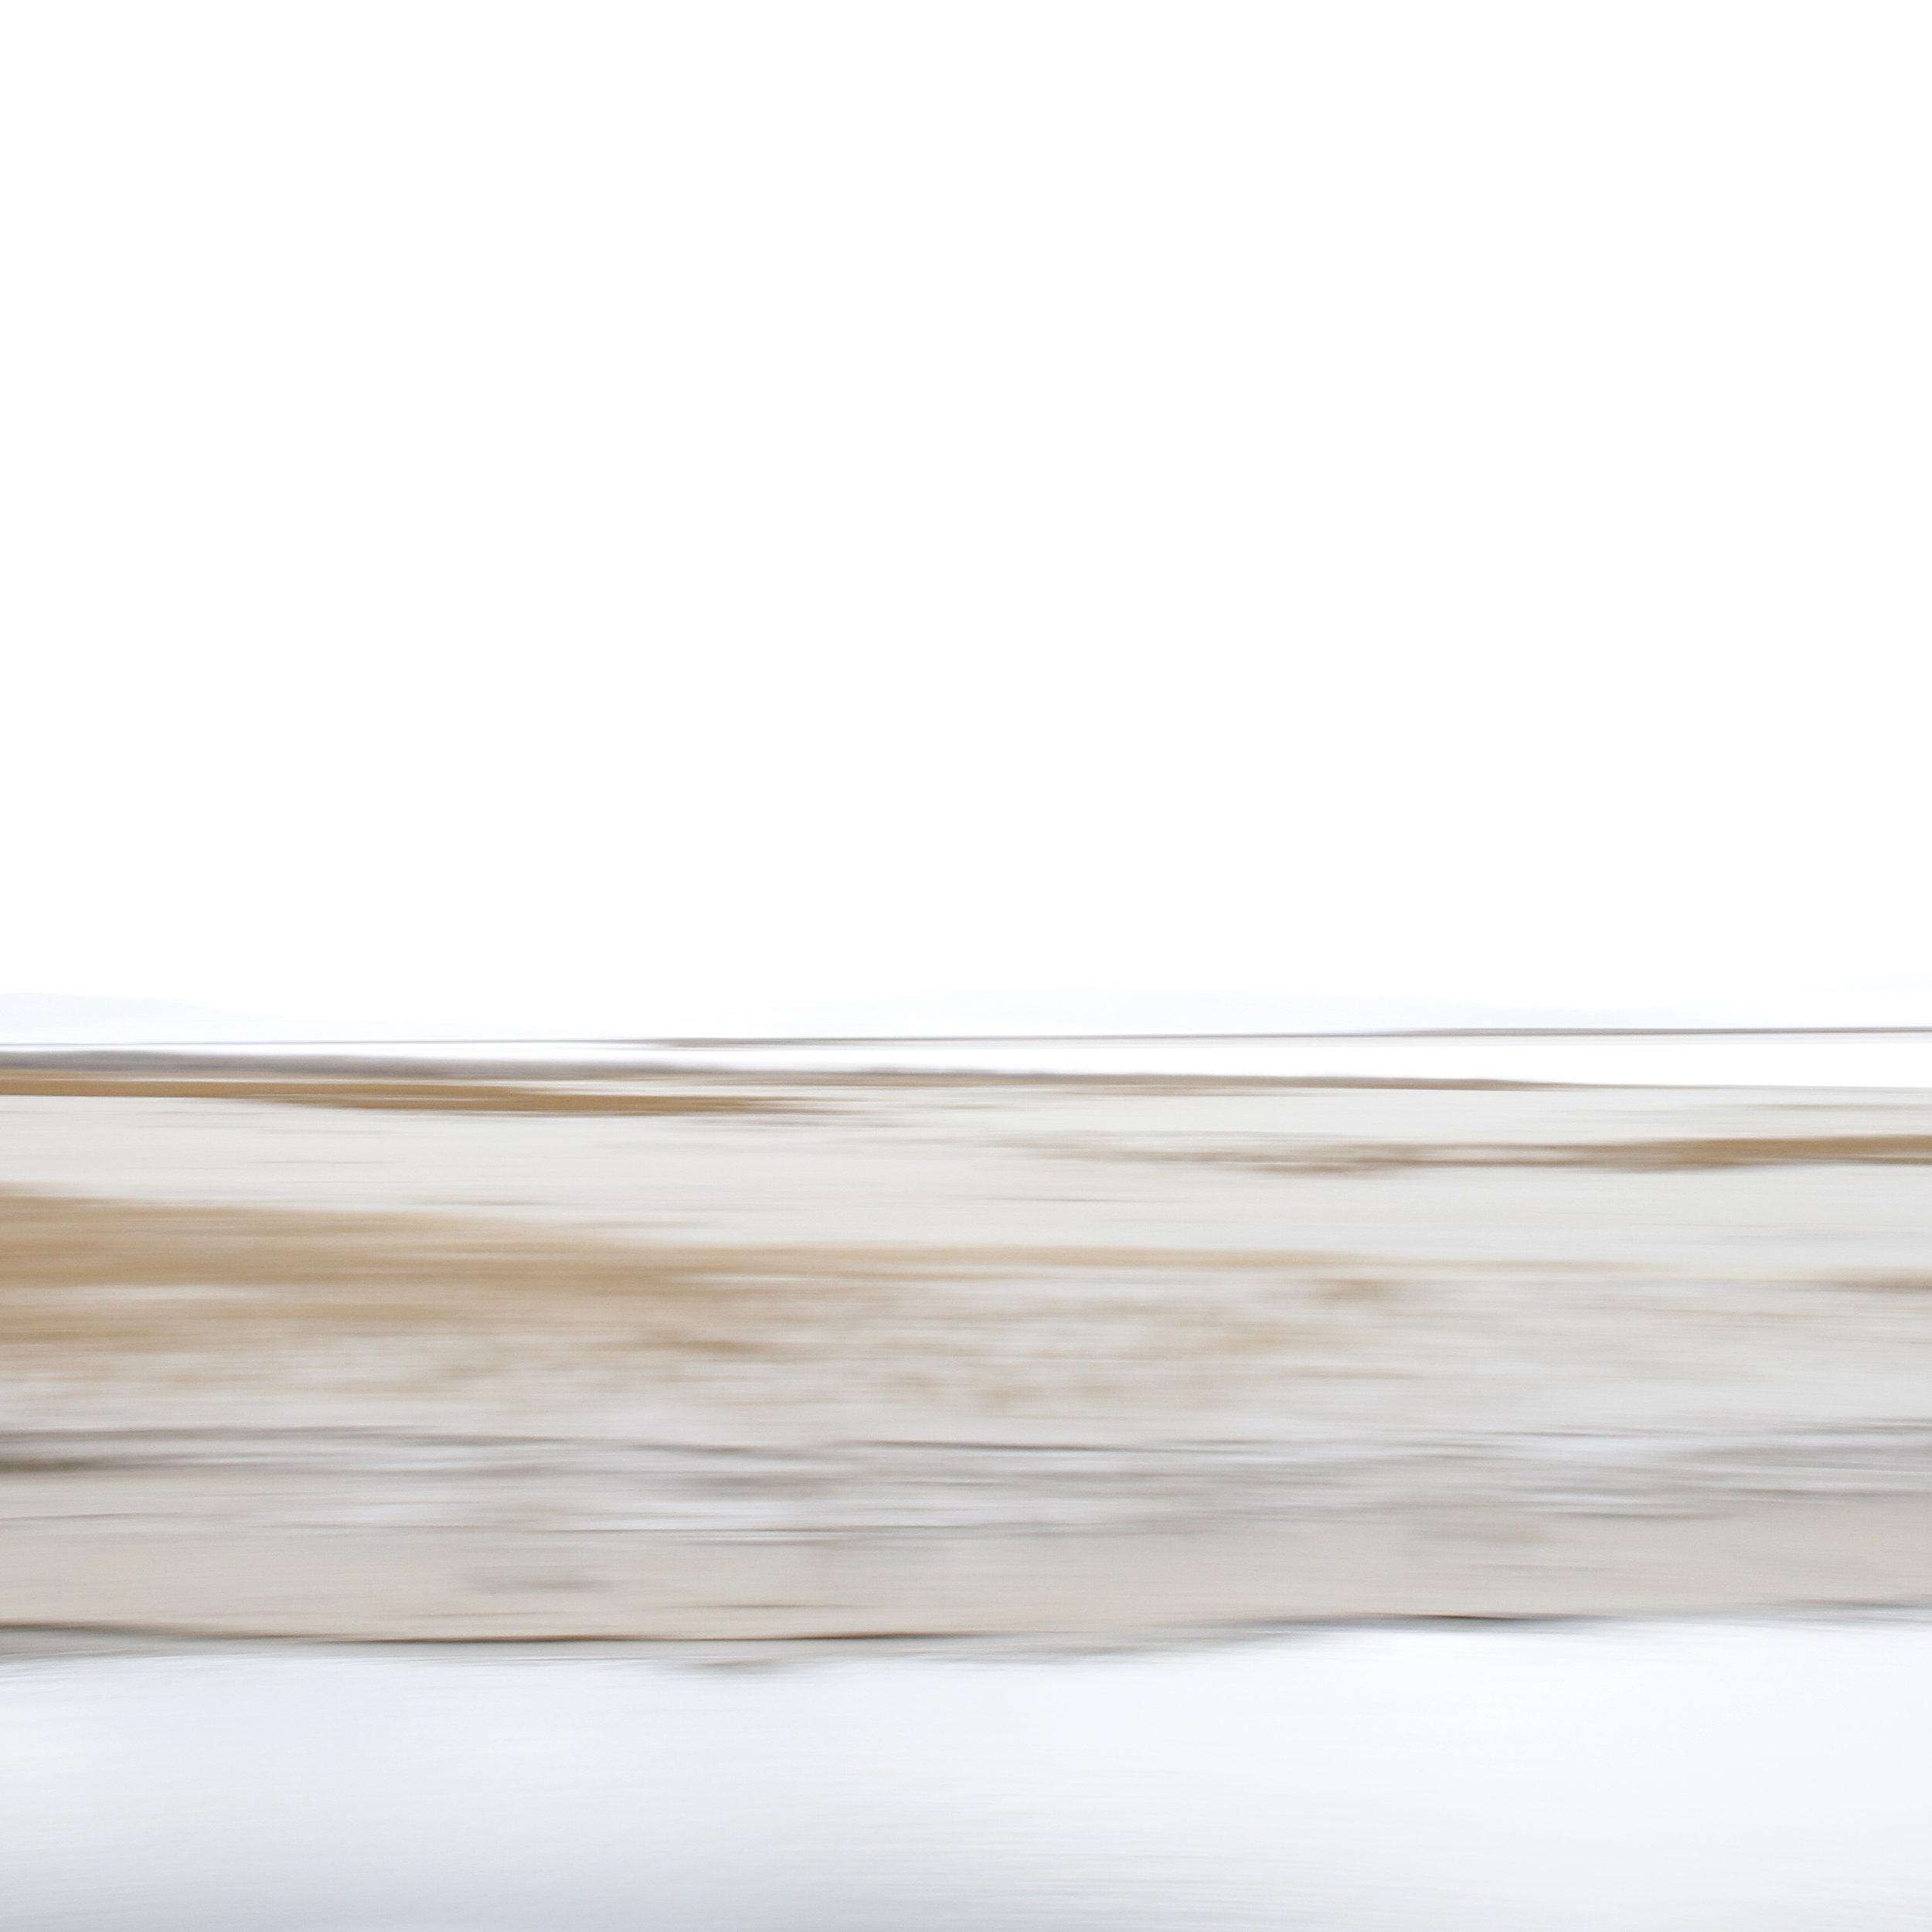 © duston todd_fine art_desert_landscape_blur.JPG